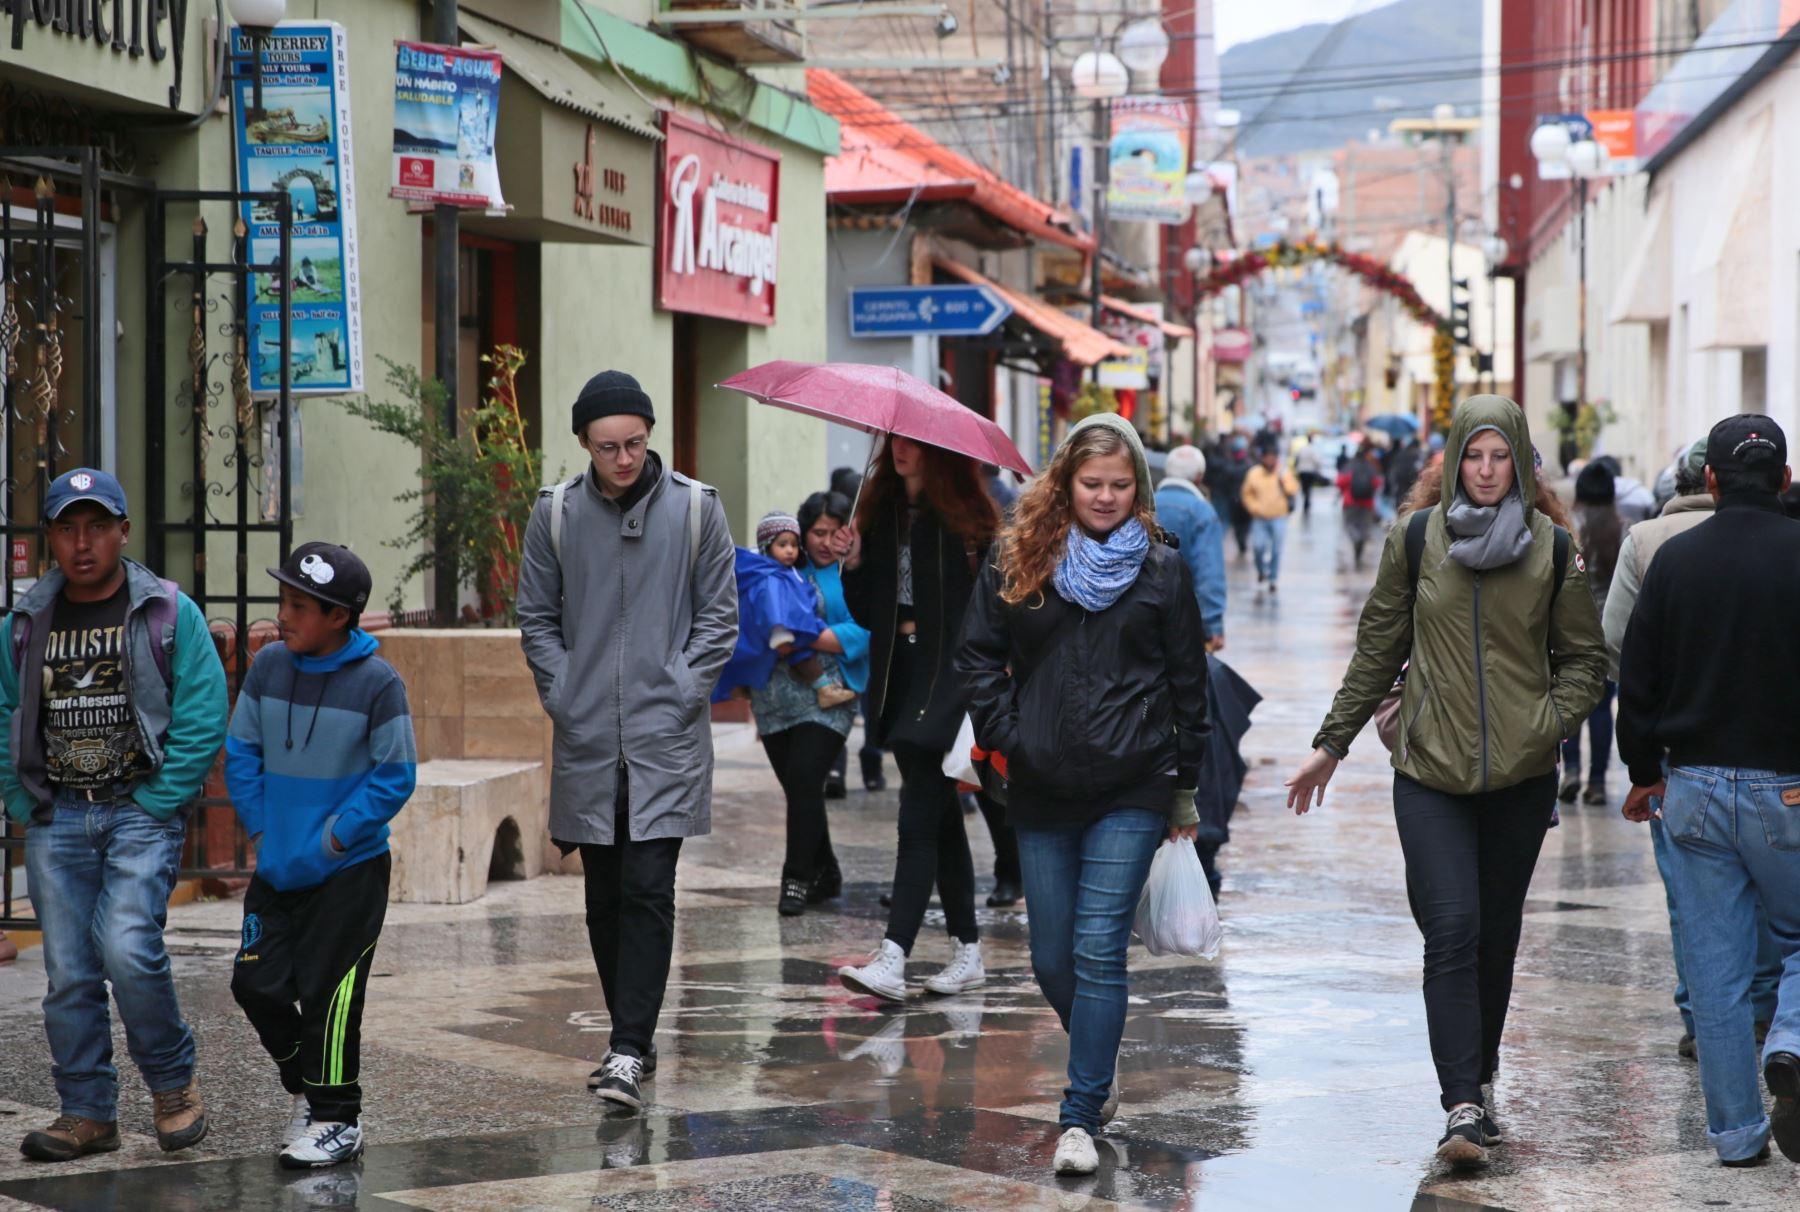 Decenas de turistas nacionales y extranjeros se llegan a la ciudad de Puno para disfrutar de la festividad de la Virgen de la Candelaria, en Puno. Foto: ANDINA/Carlos Lezama